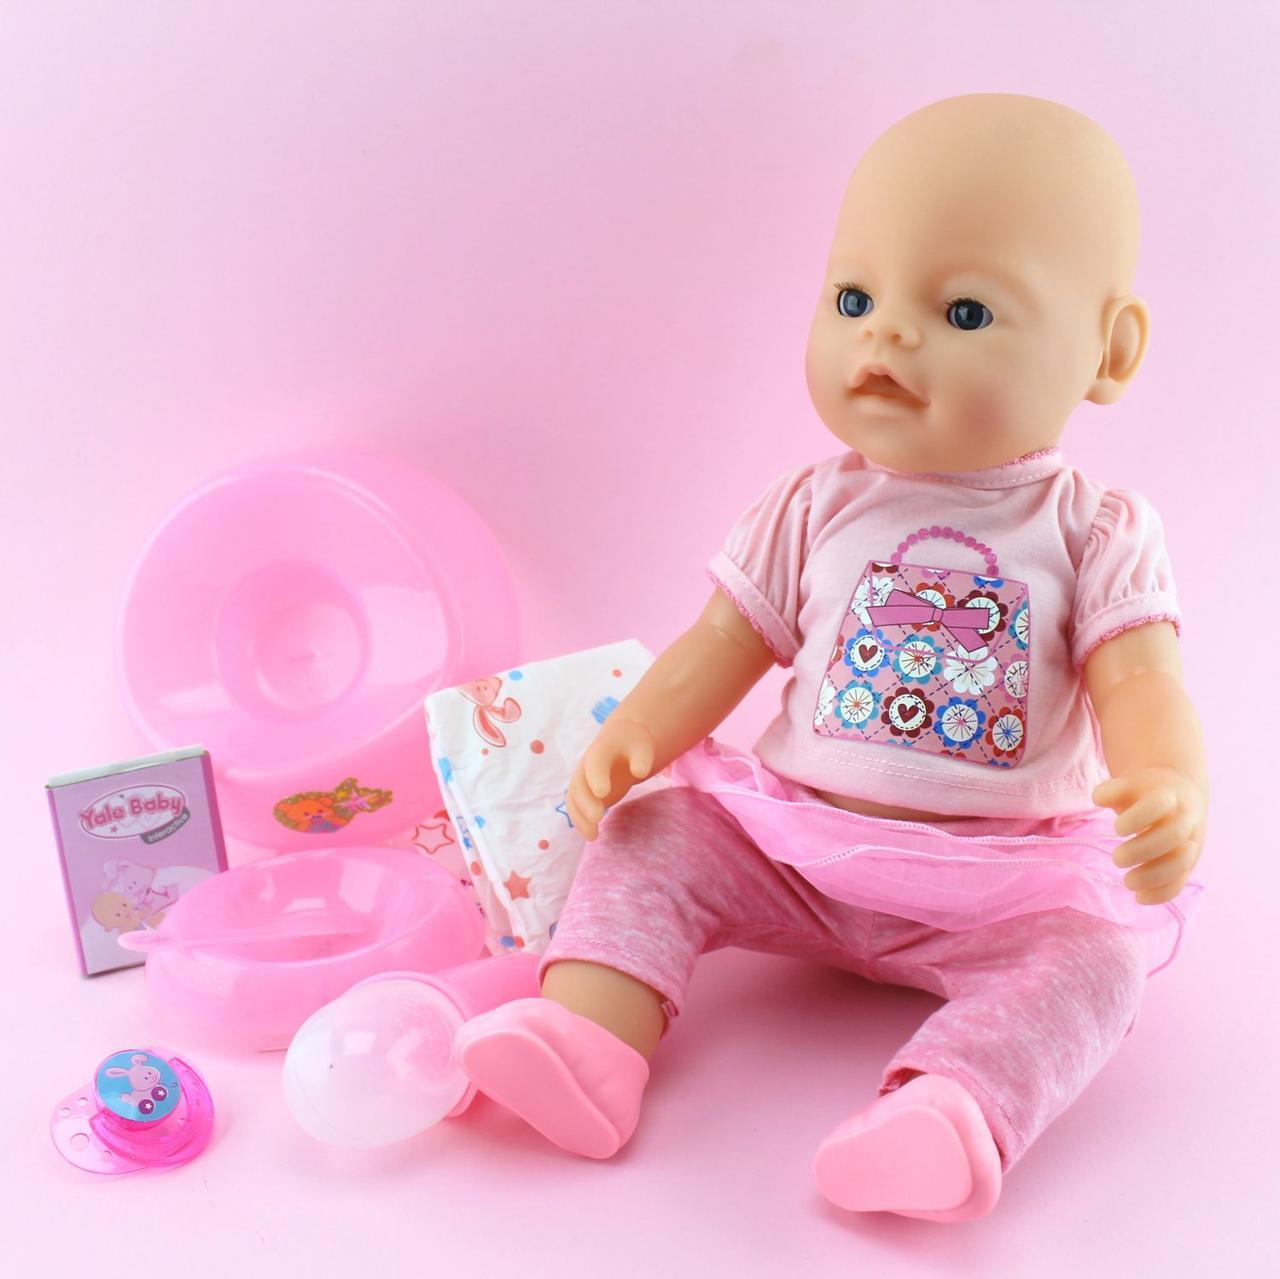 Кукла Пупс функциональный 42см, бутылочка, горшок, соска магн, подгузник, тарелка, каша 4шт, пьет-писяет, в кор,33-38-18см